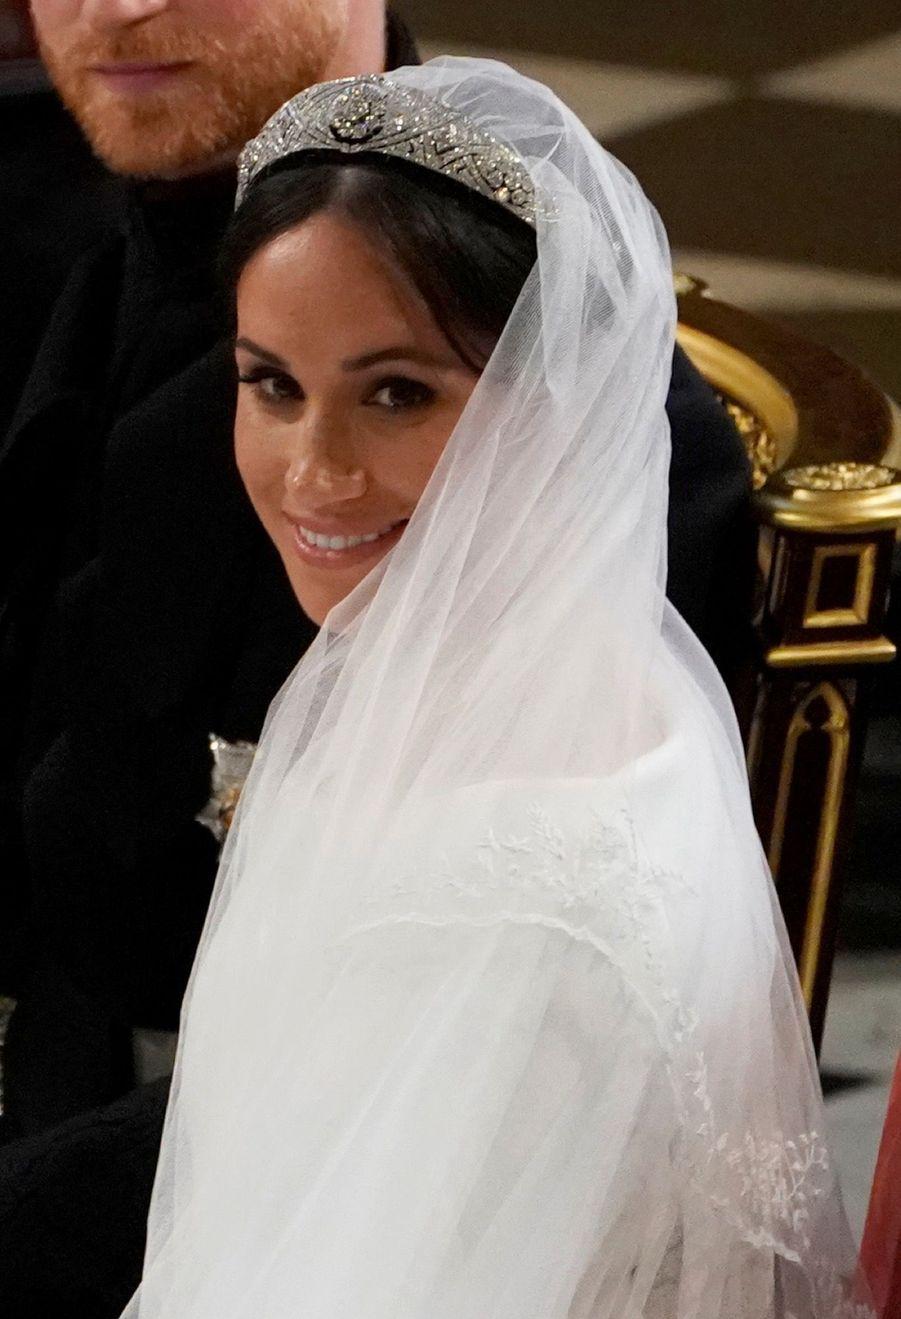 Les Plus Belles Photos Du Mariage Du Prince Harry Et Meghan Markle ( 24